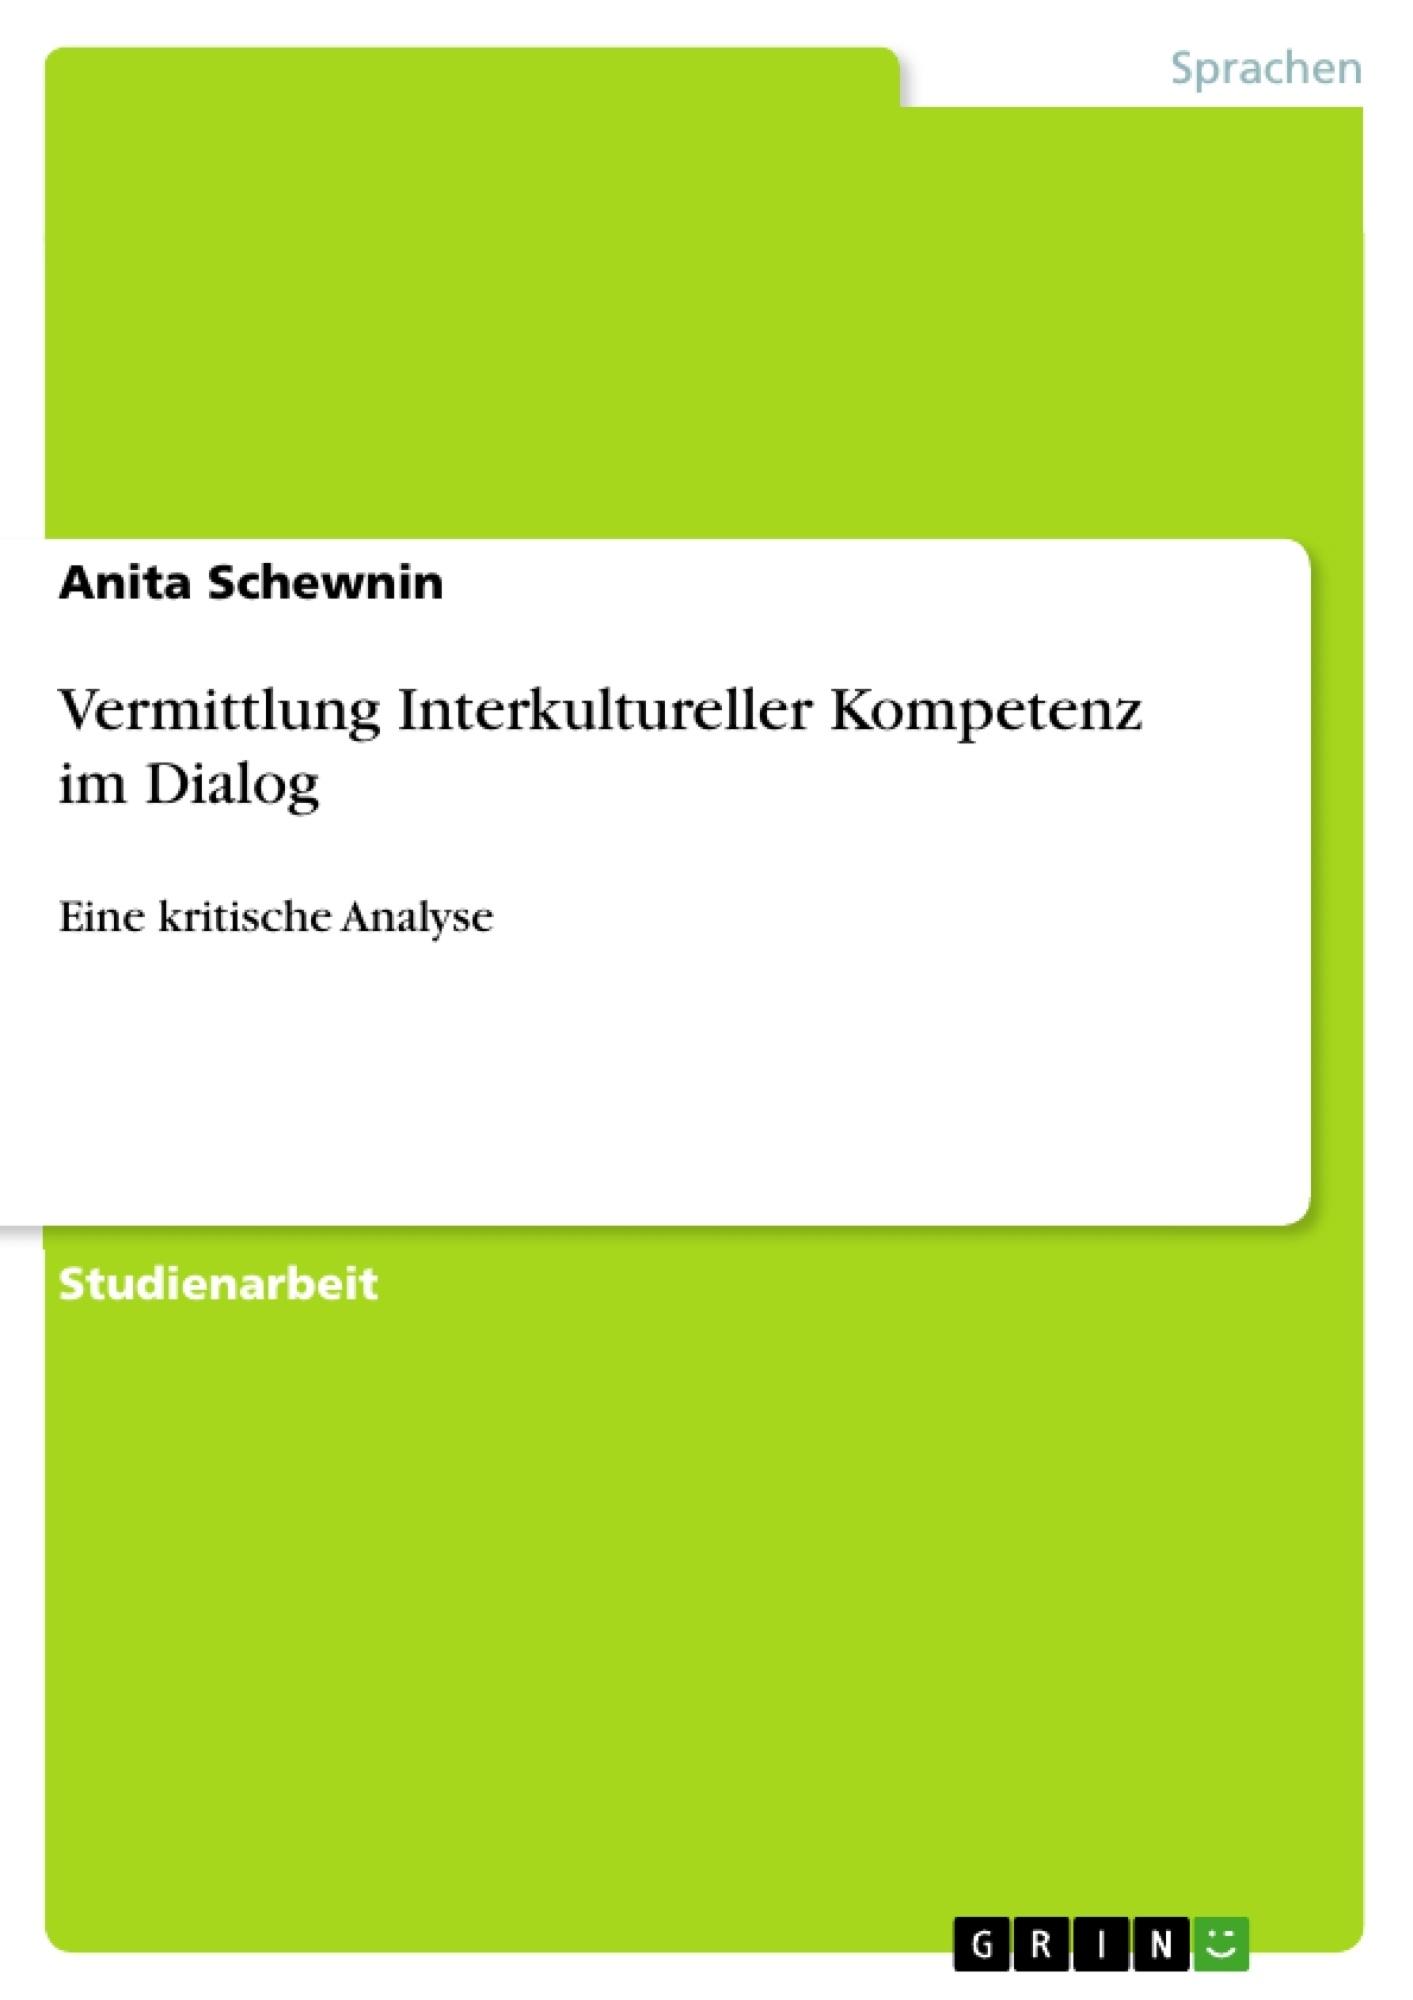 Titel: Vermittlung Interkultureller Kompetenz im Dialog